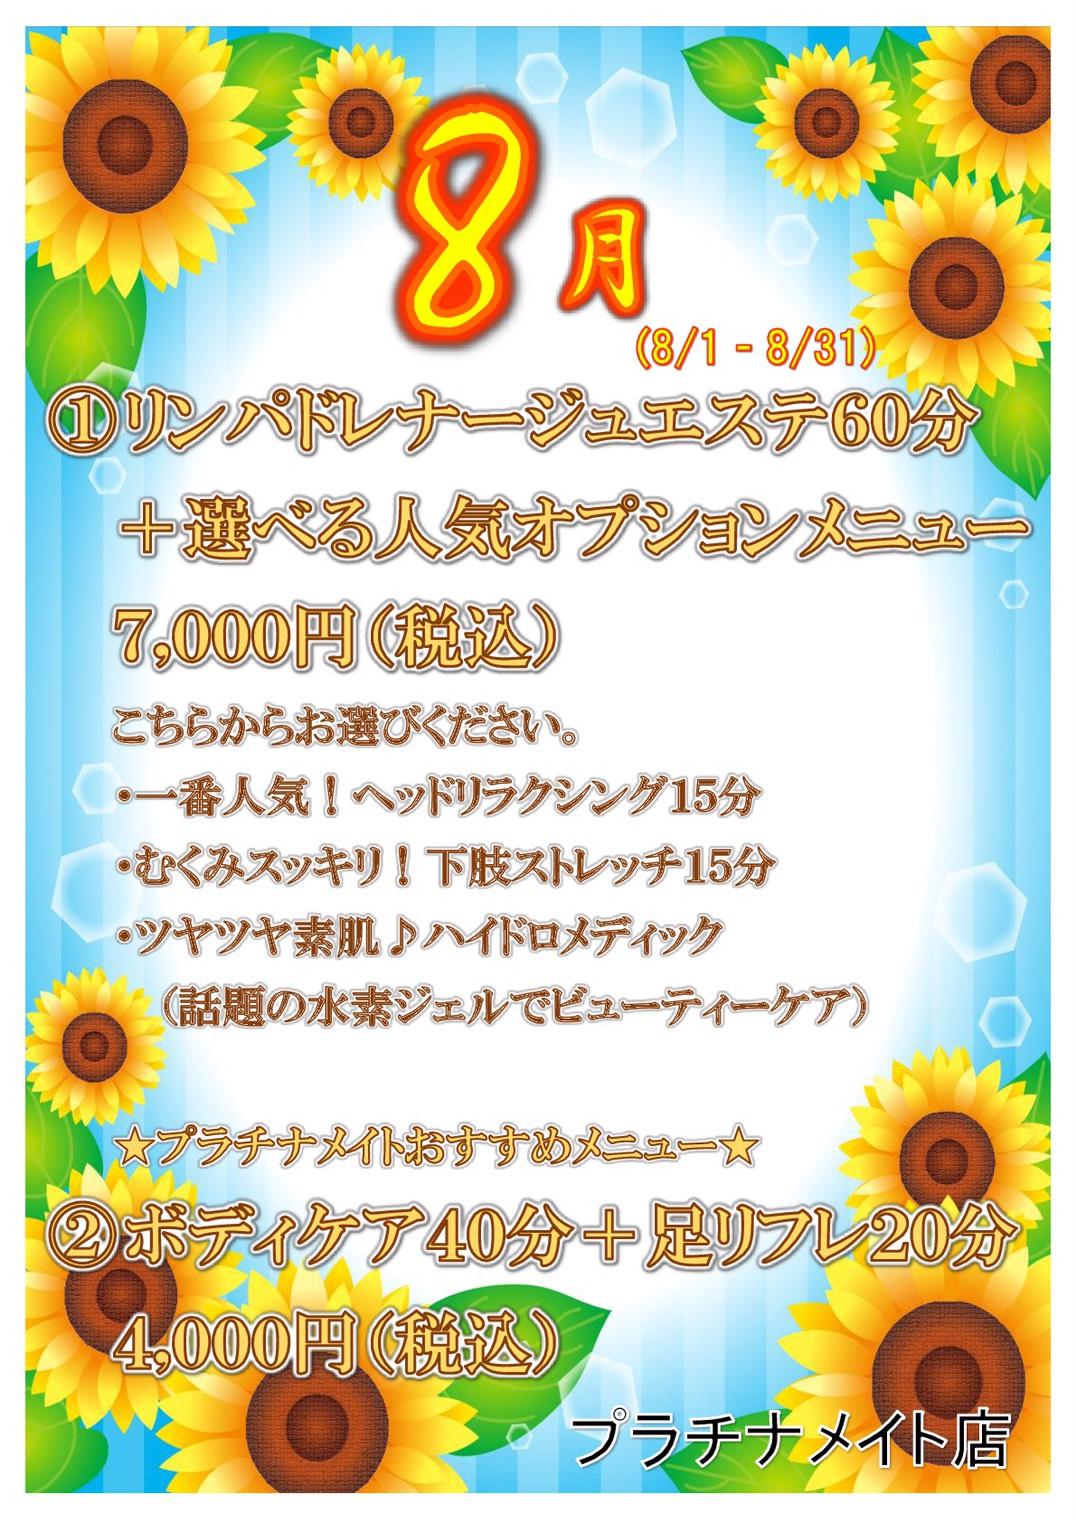 【ましゅまろ】7月キャンペーン情報2